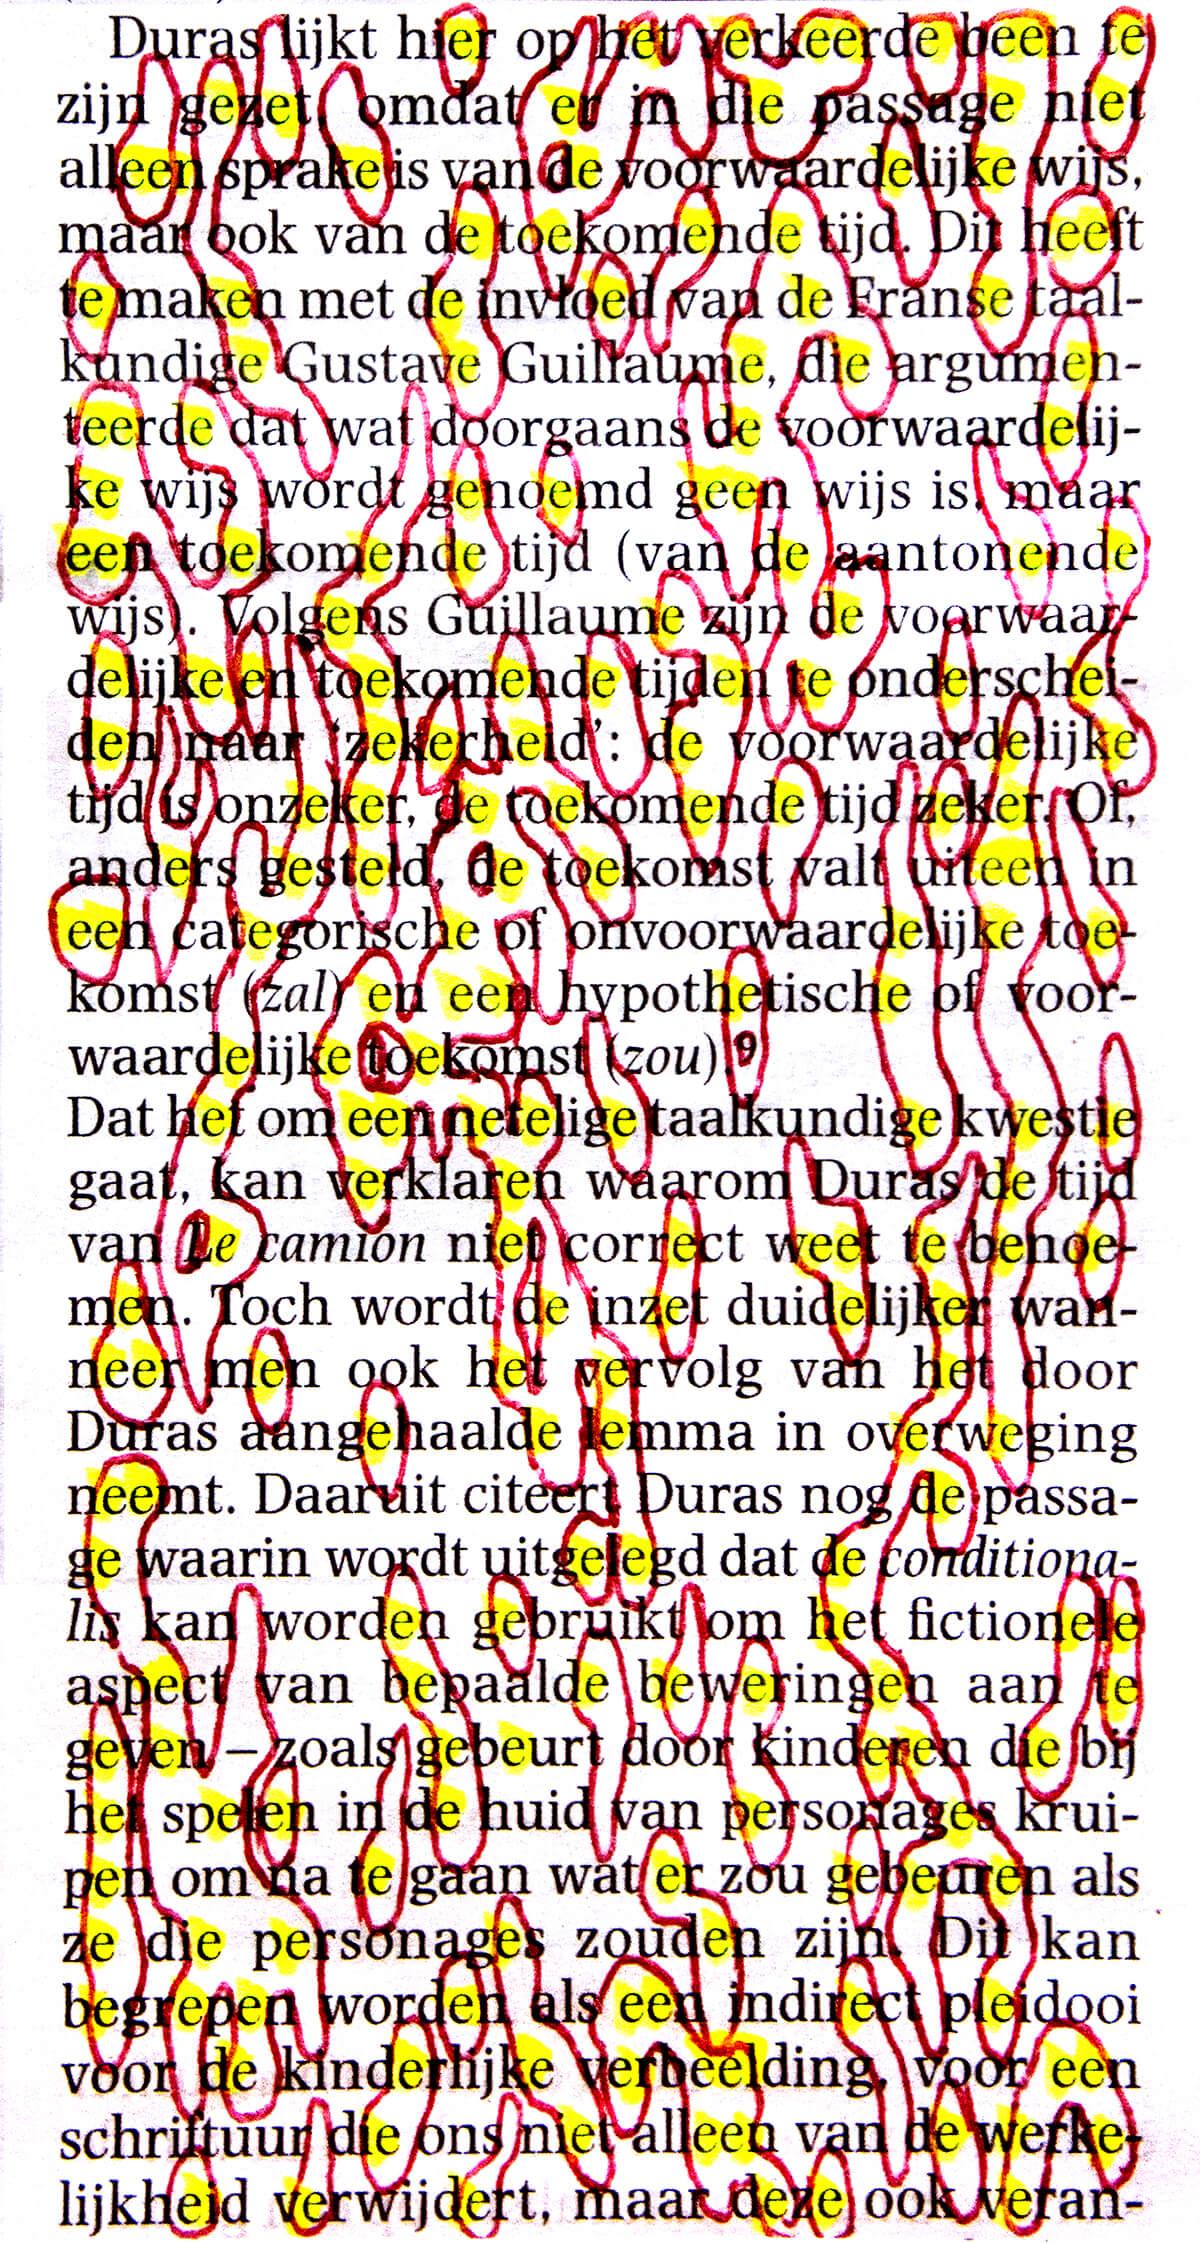 Duras, 12,5 x 7 cm, ink on newspaper, 2013